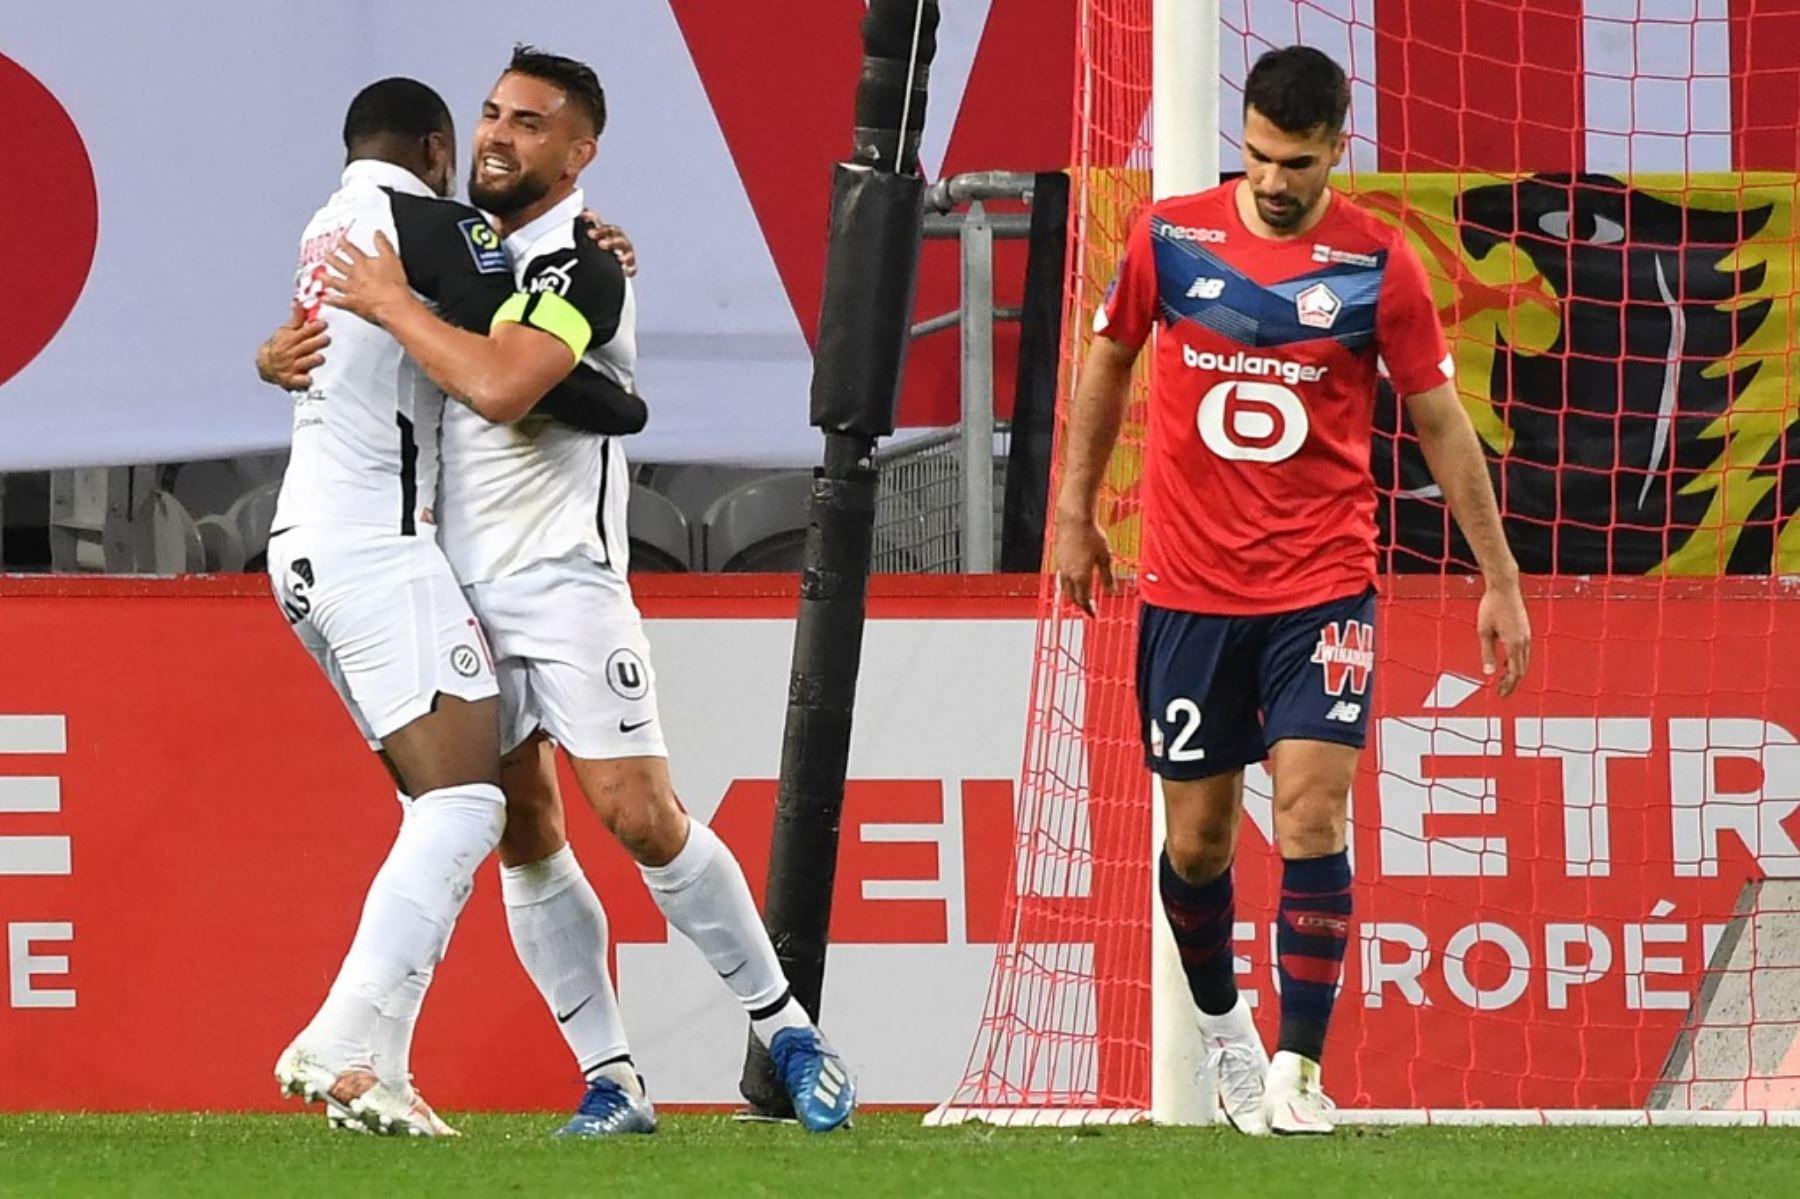 El delantero argelino de Montpellier Andy Delort (C) celebra con el delantero inglés de Montpellier Stephy Mavididi (L) después de anotar durante el partido de fútbol francés L1 entre Lille LOSC y Montpellier Herault SC en el estadio Pierre-Mauroy en Villeneuve-d